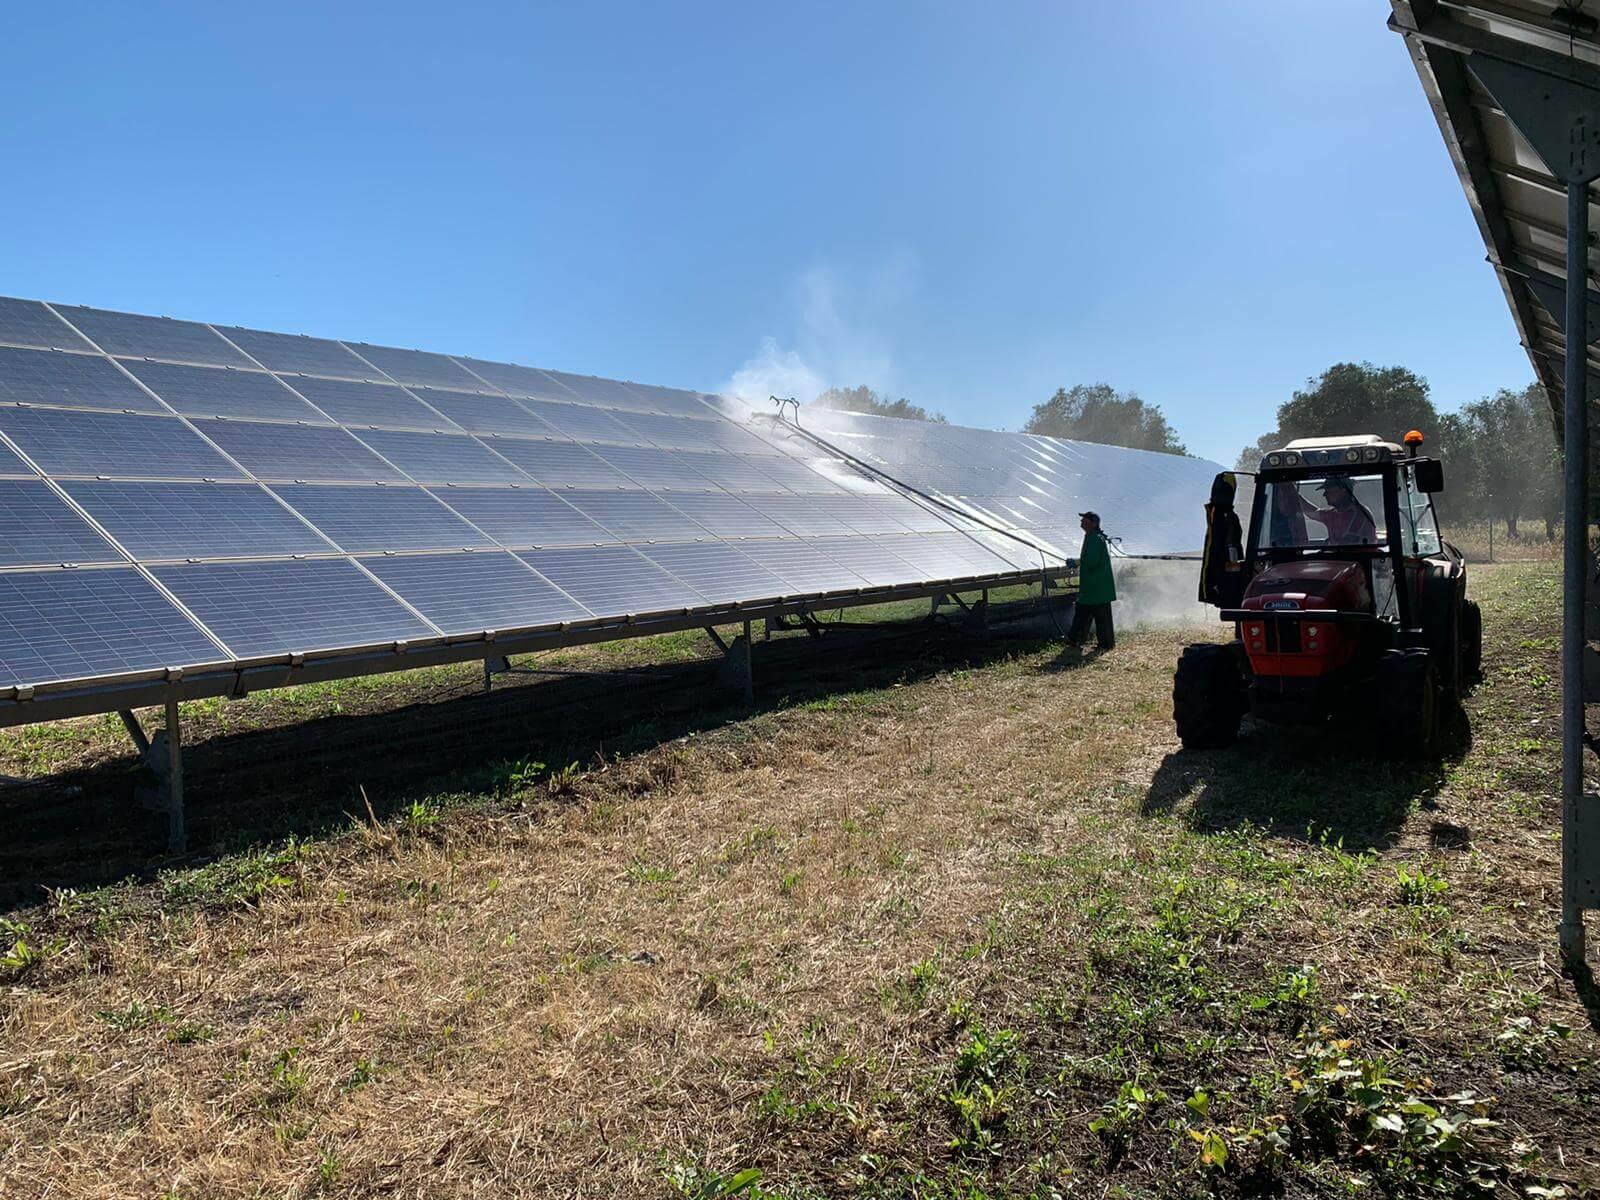 Pulizia pannelli solari 10